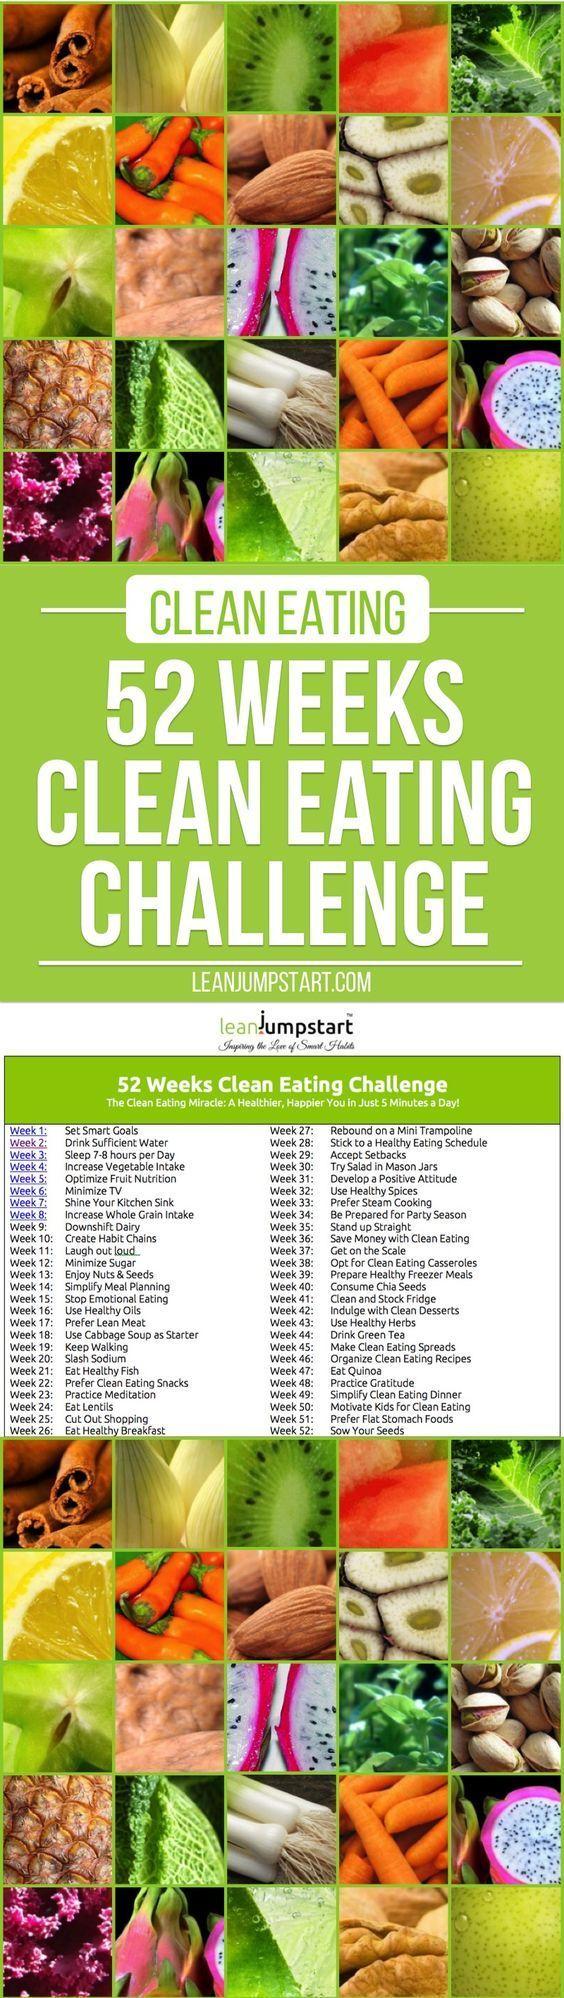 Nehmen Sie die Herausforderung des Gewichtsverlusts an